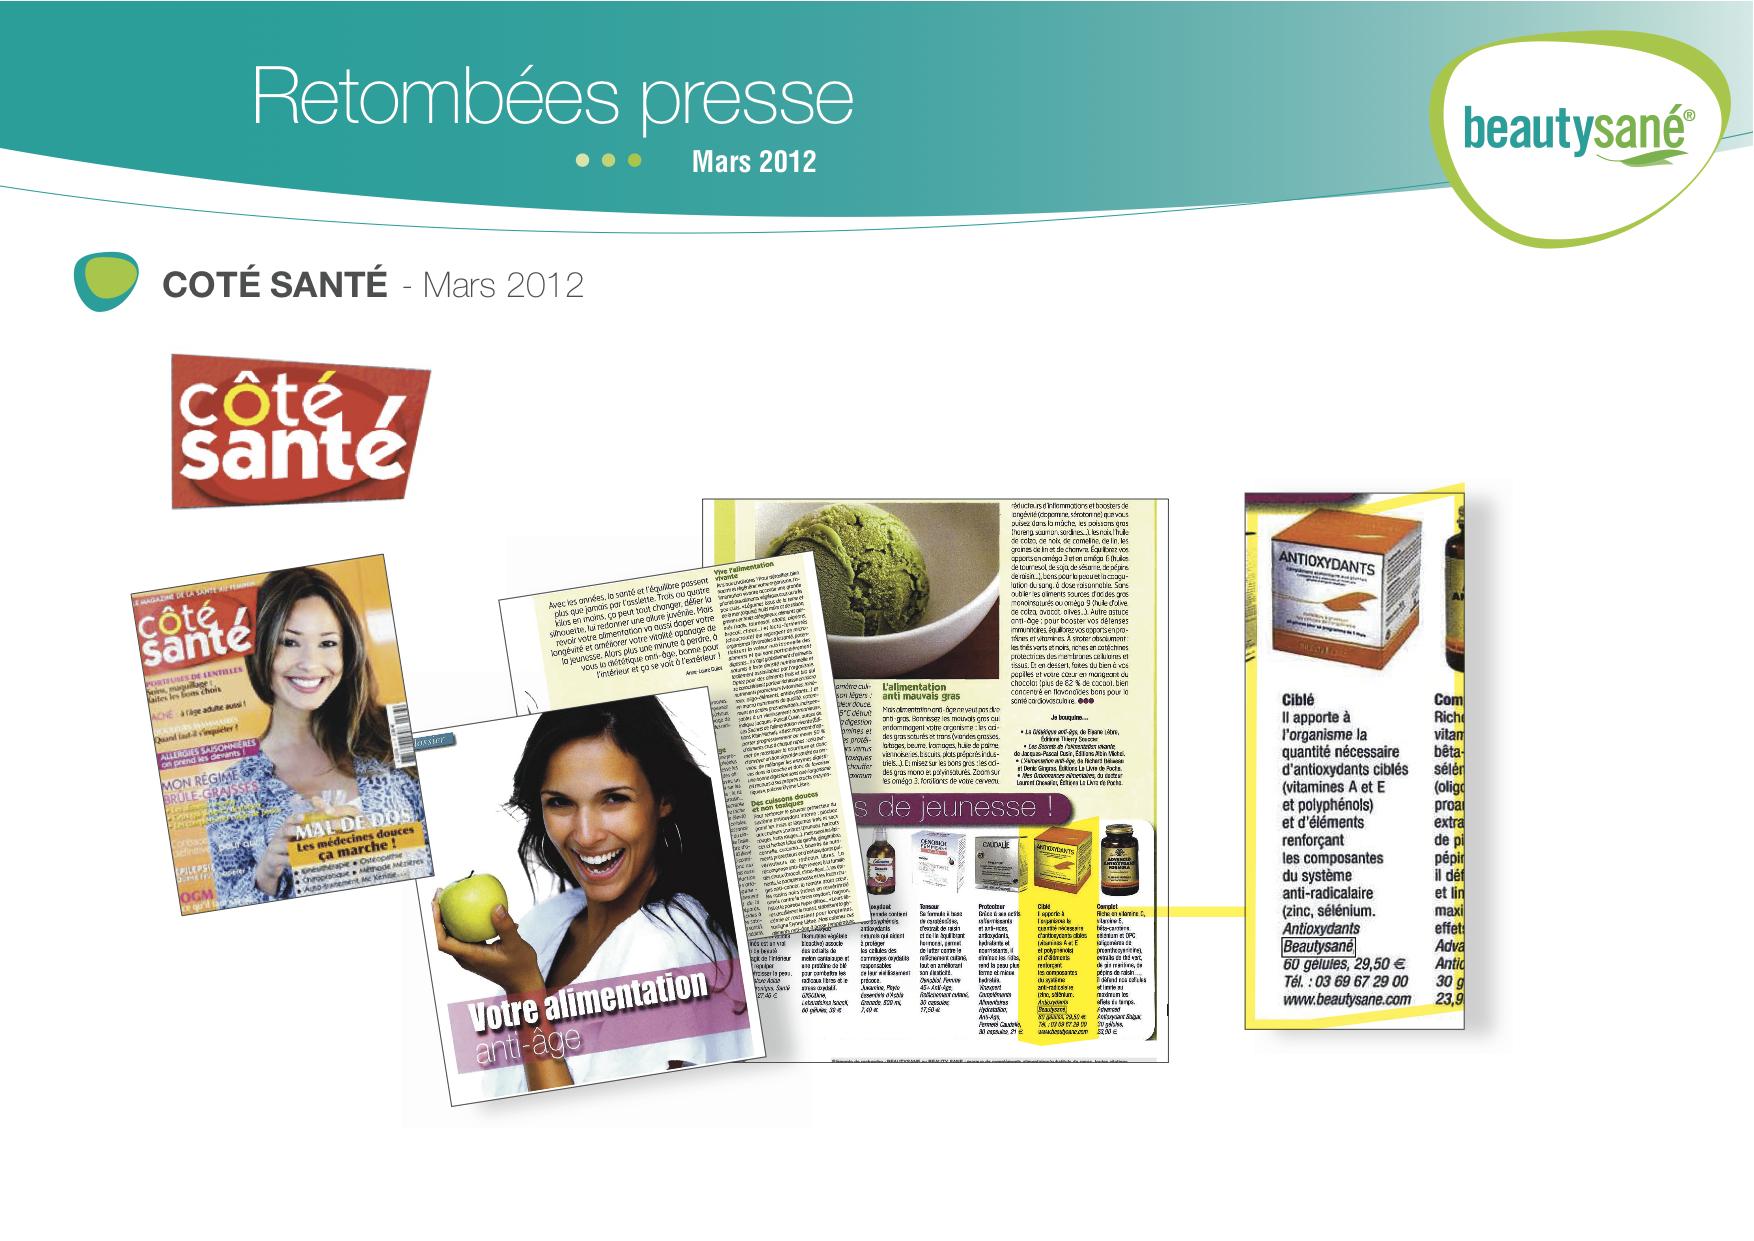 rp_bs-mar2012-cotesante